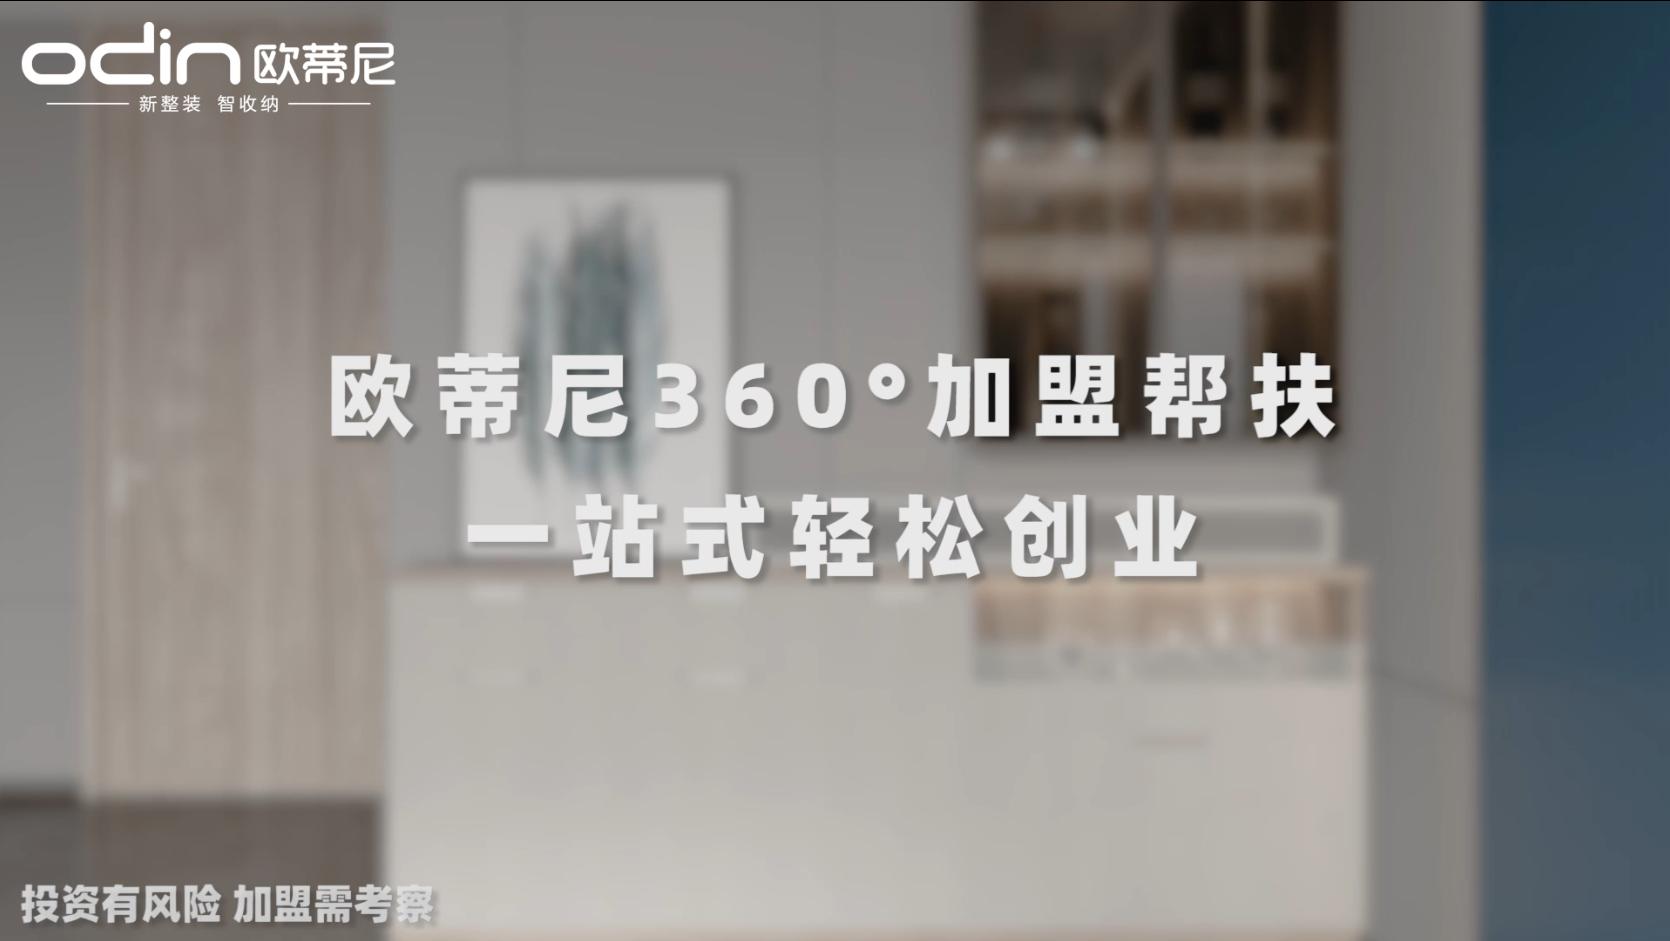 欧蒂尼全屋定制2020年招商宣传片视频